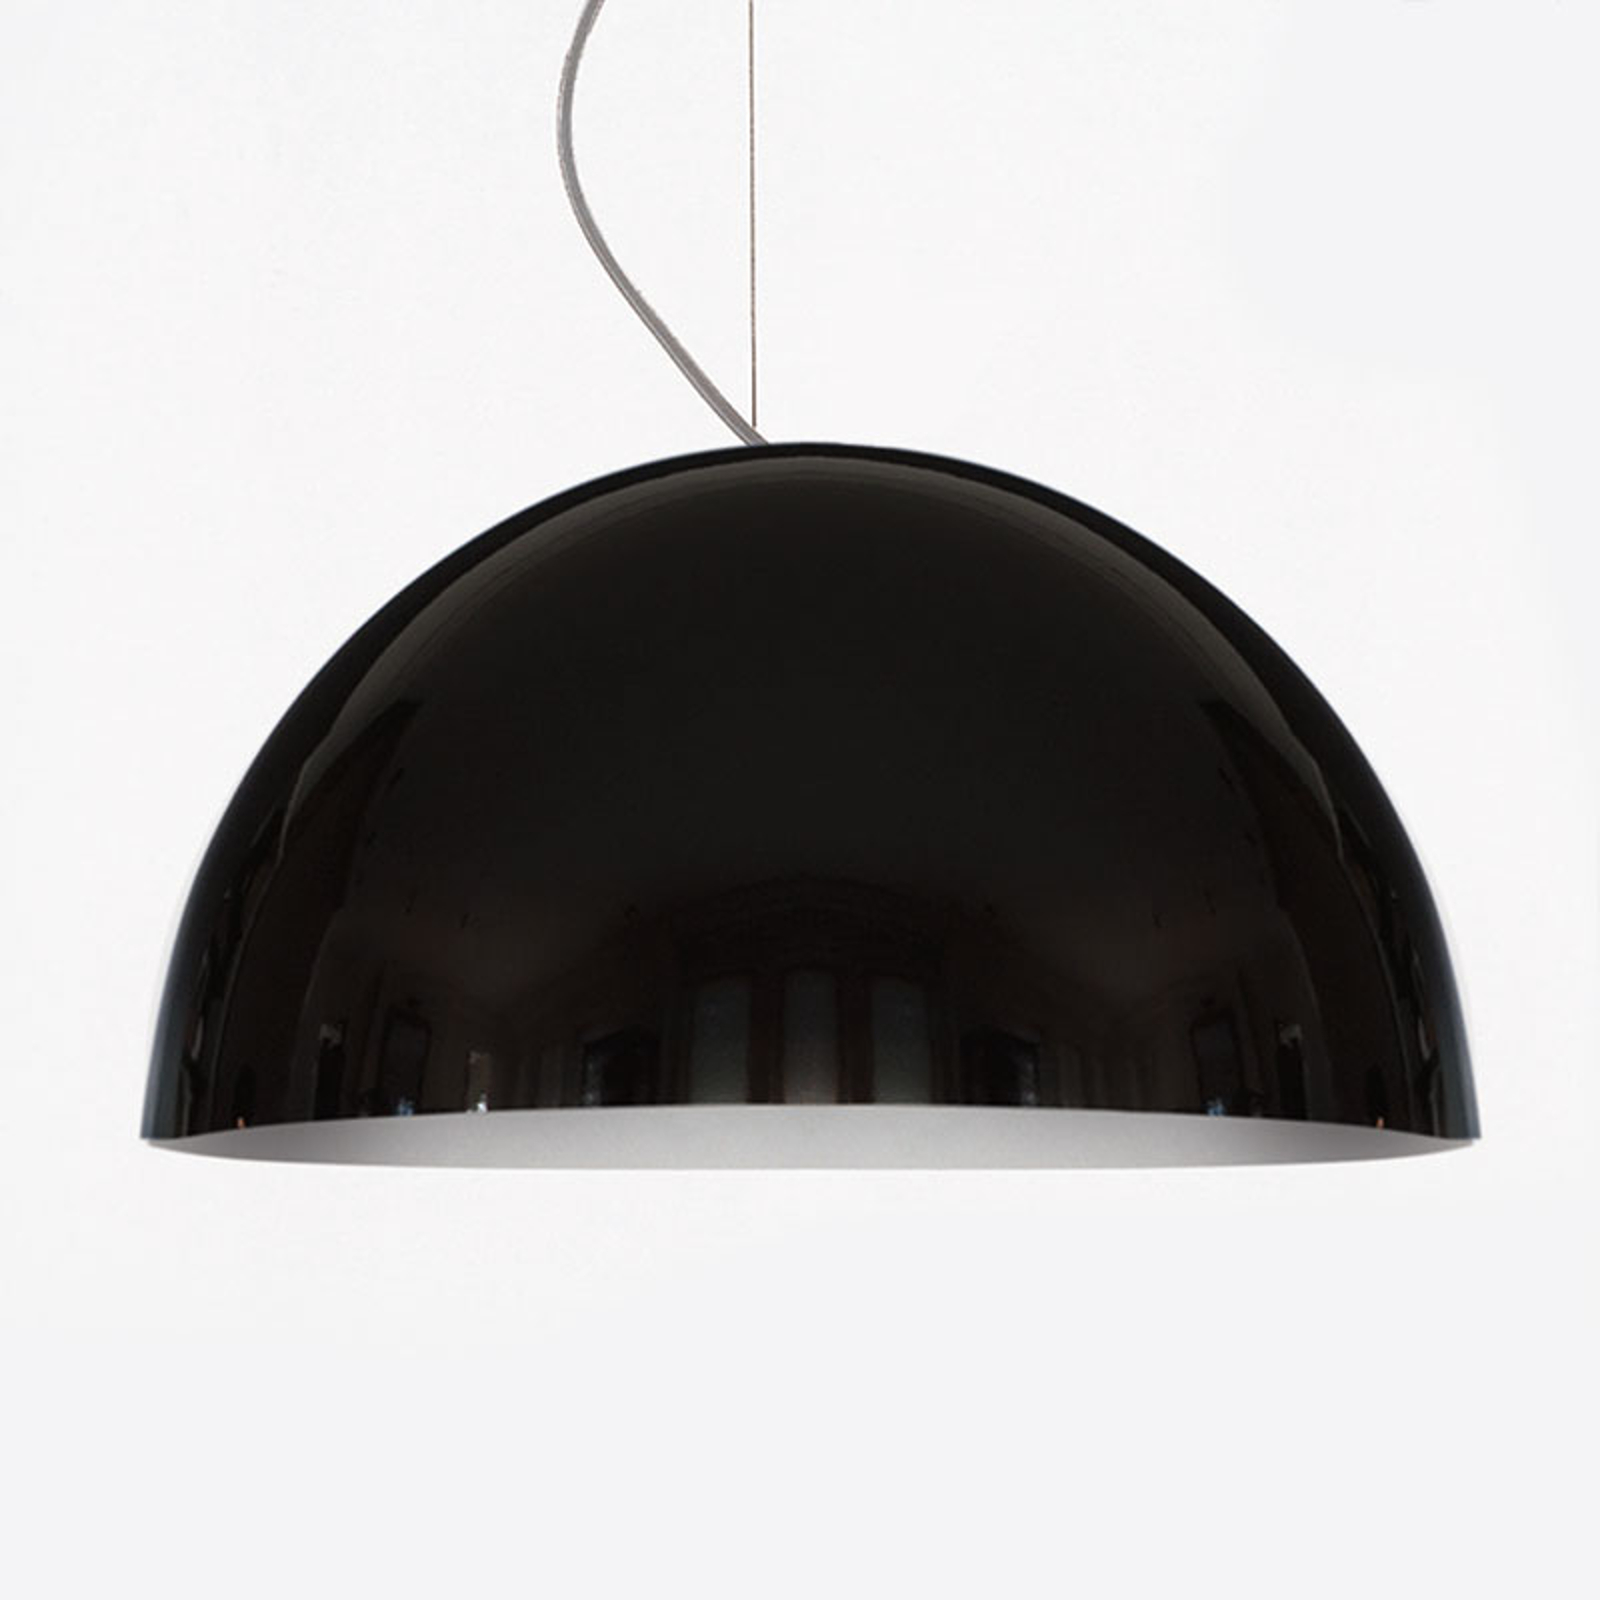 Oluce Sonora - schwarze Hängeleuchte, 50 cm